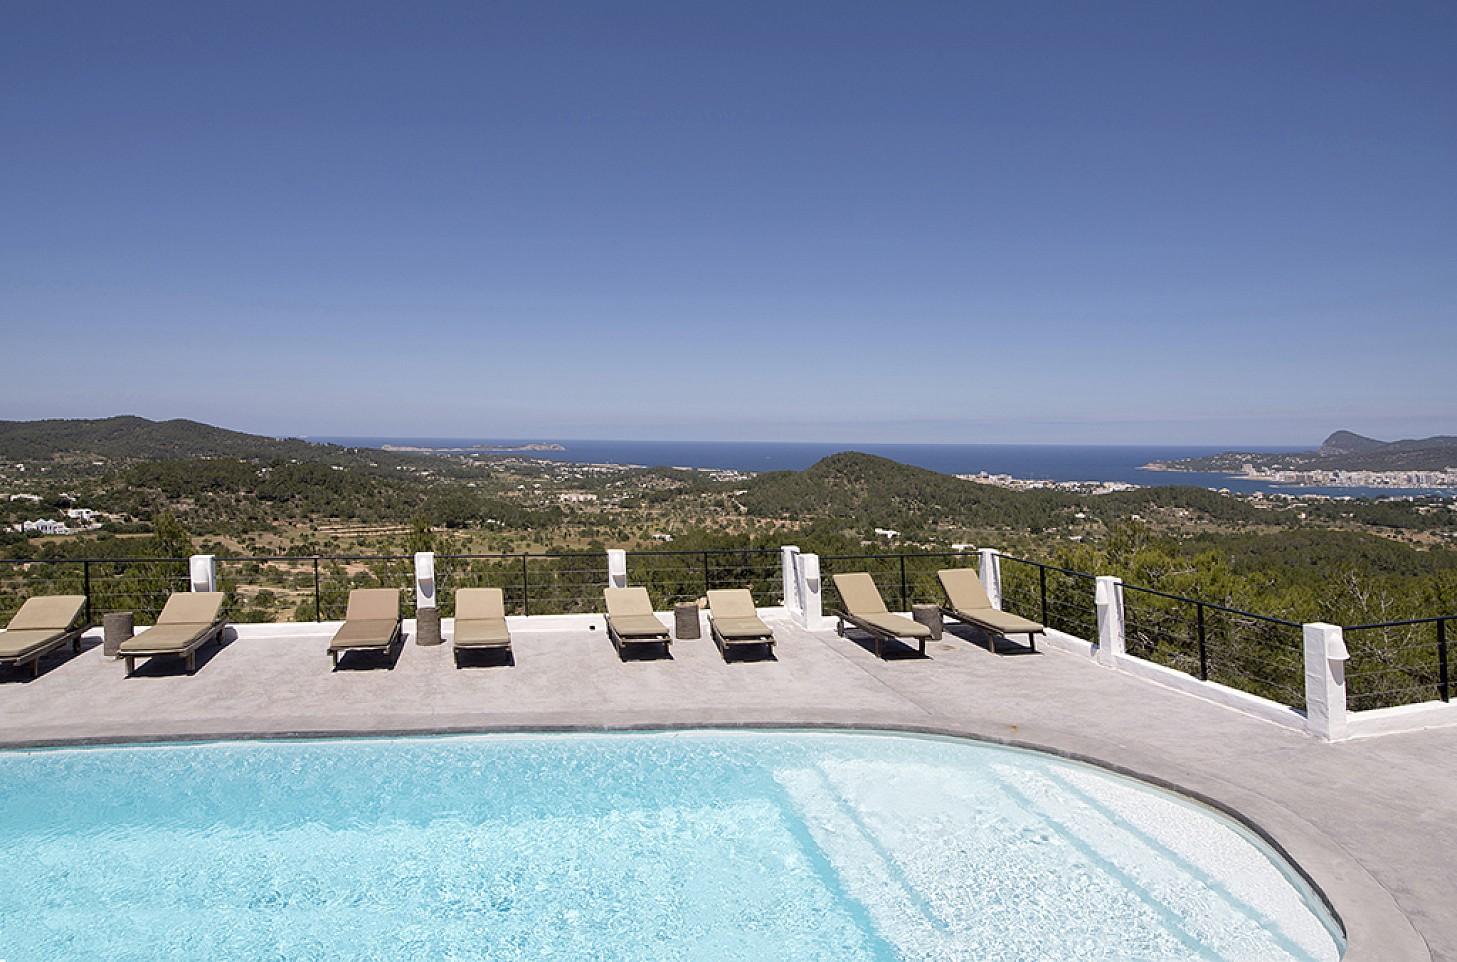 Шикарный бассейн с видом на море виллы в аренду на Ибице